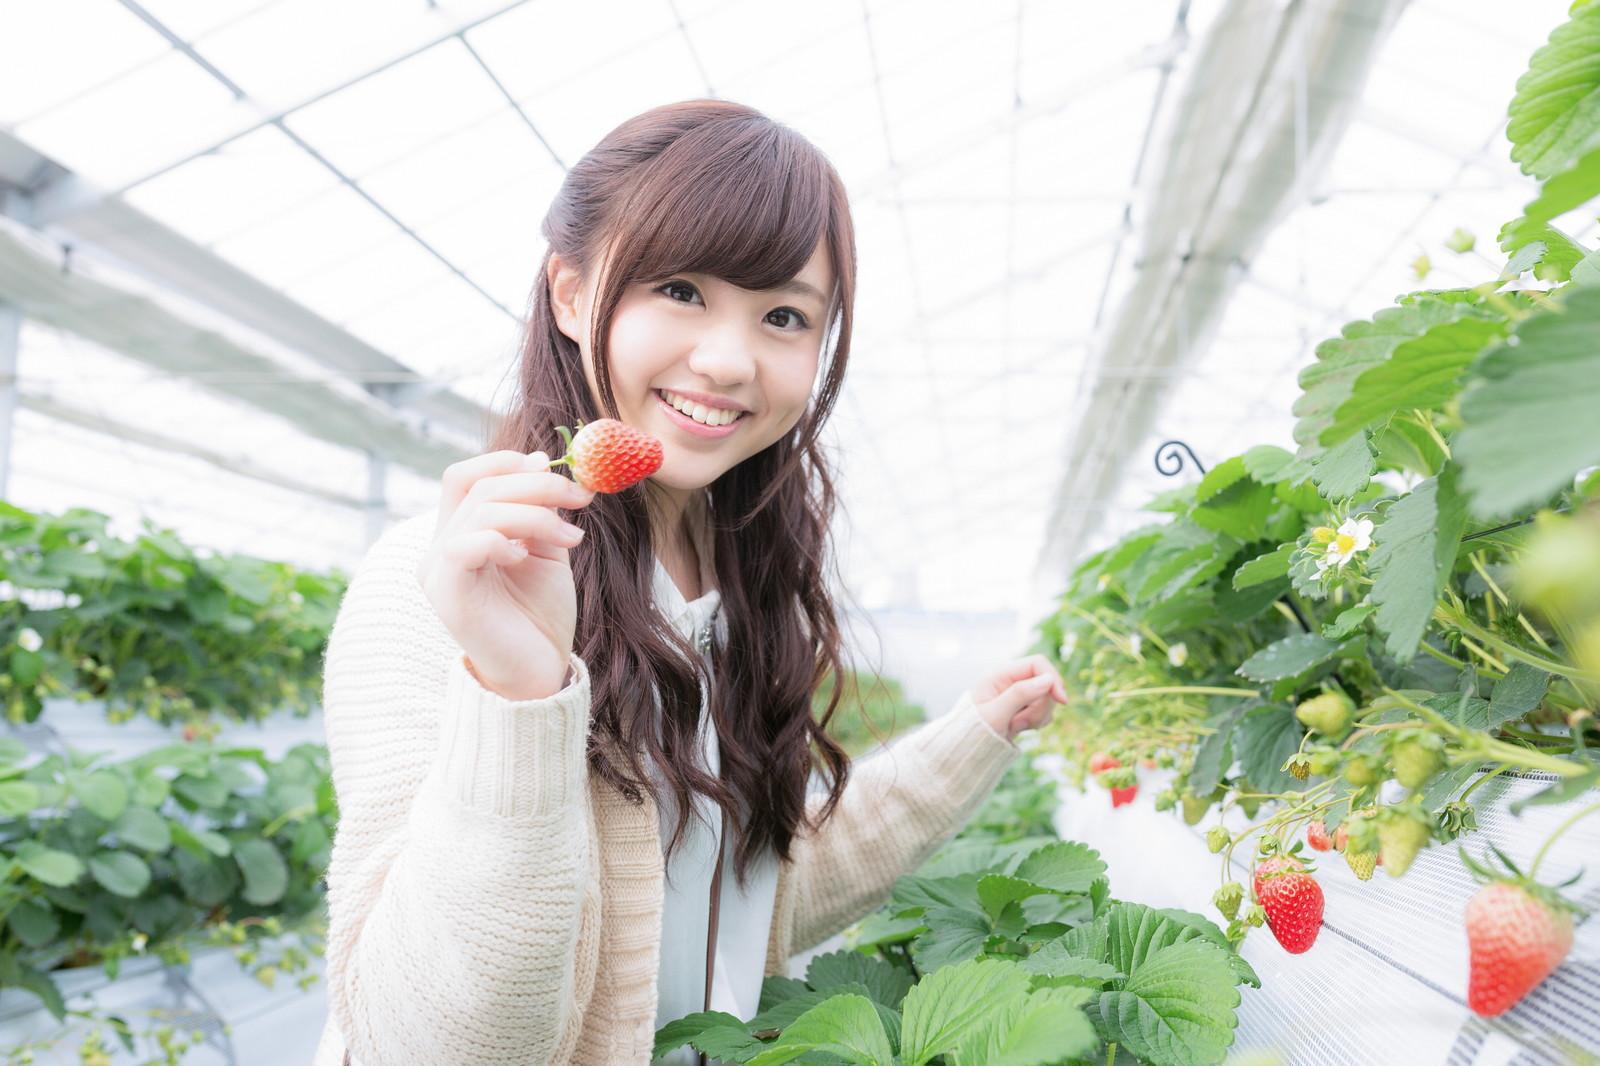 草莓田裡的邂逅